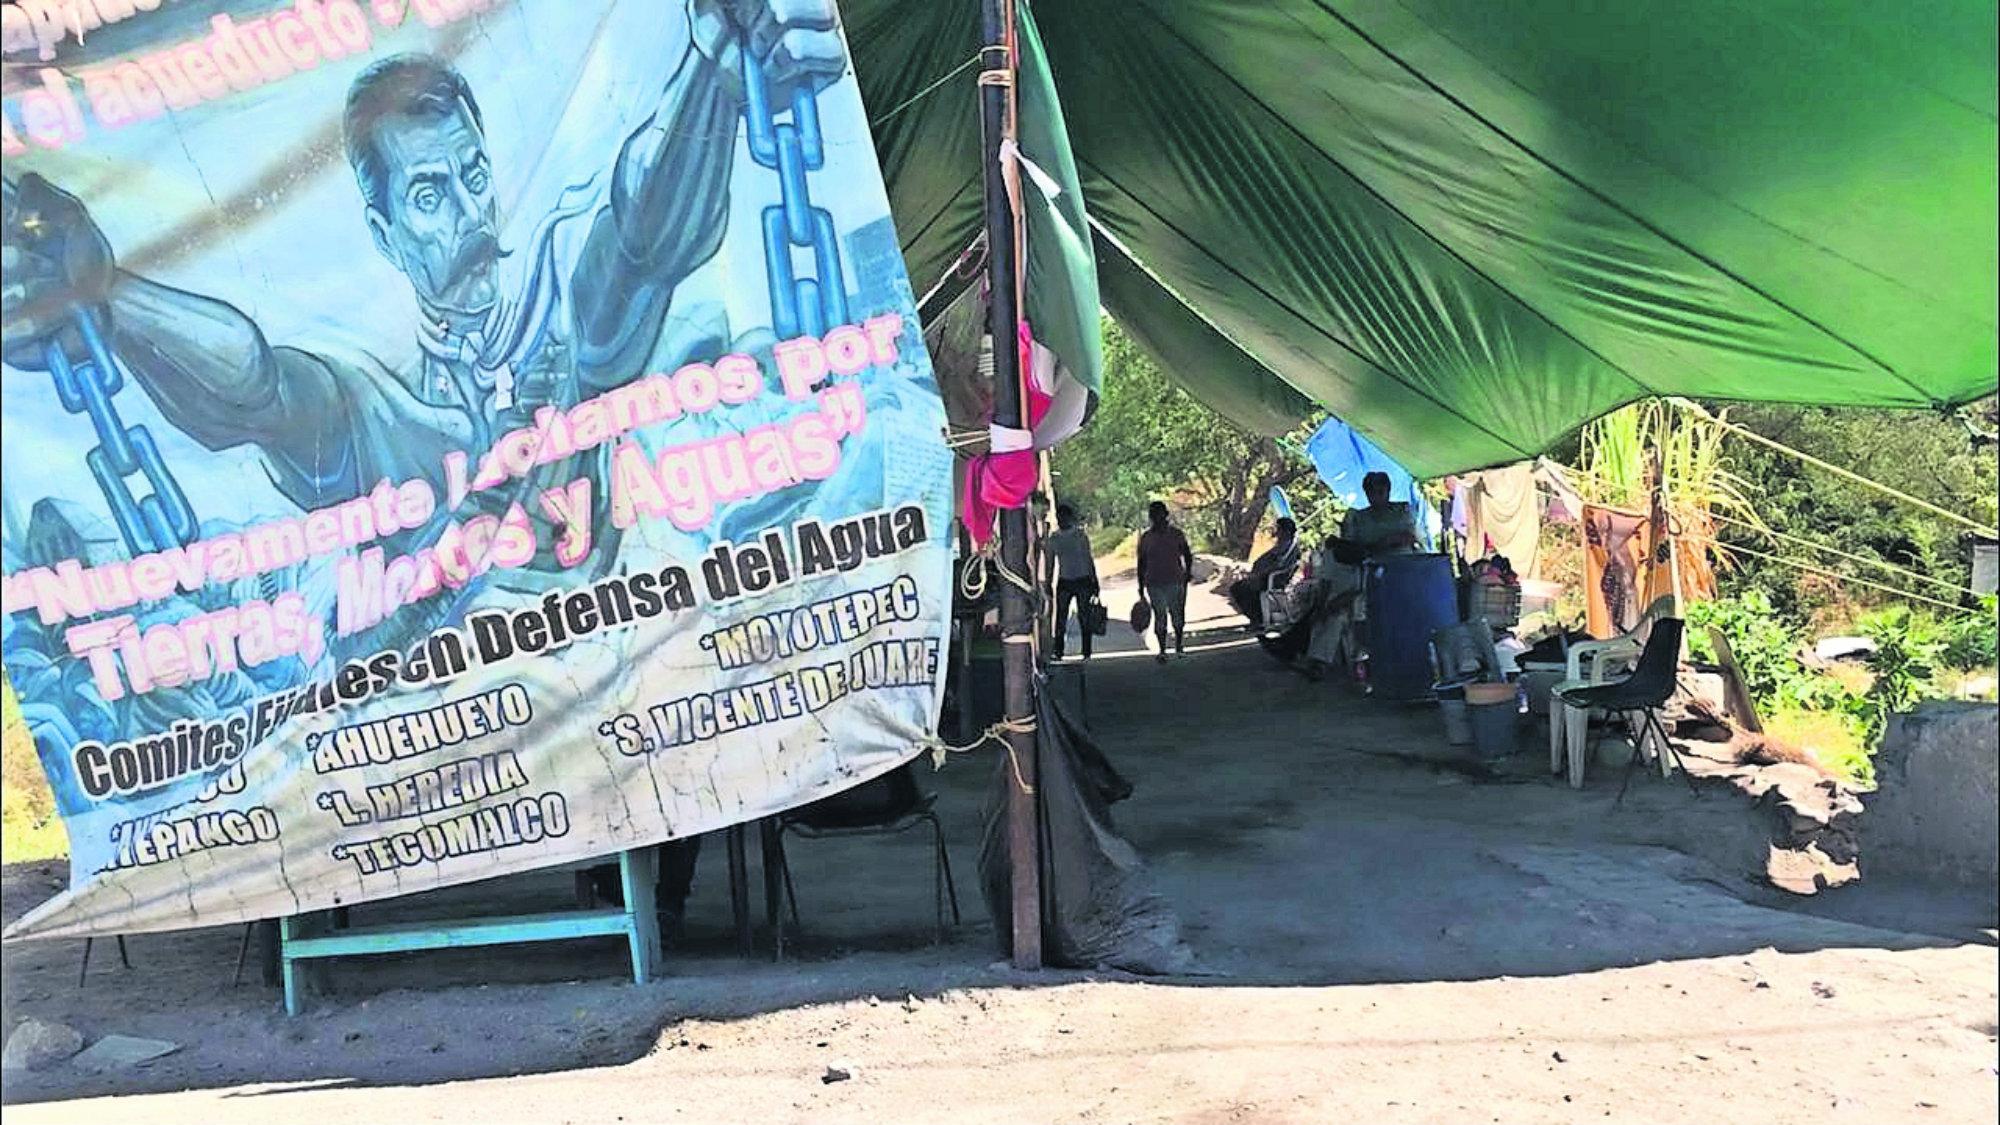 Cuernavaca quema de dos casillas reinstalarán las mesas para los votos en Cuernavaca Termoeléctrica en Amilcingo